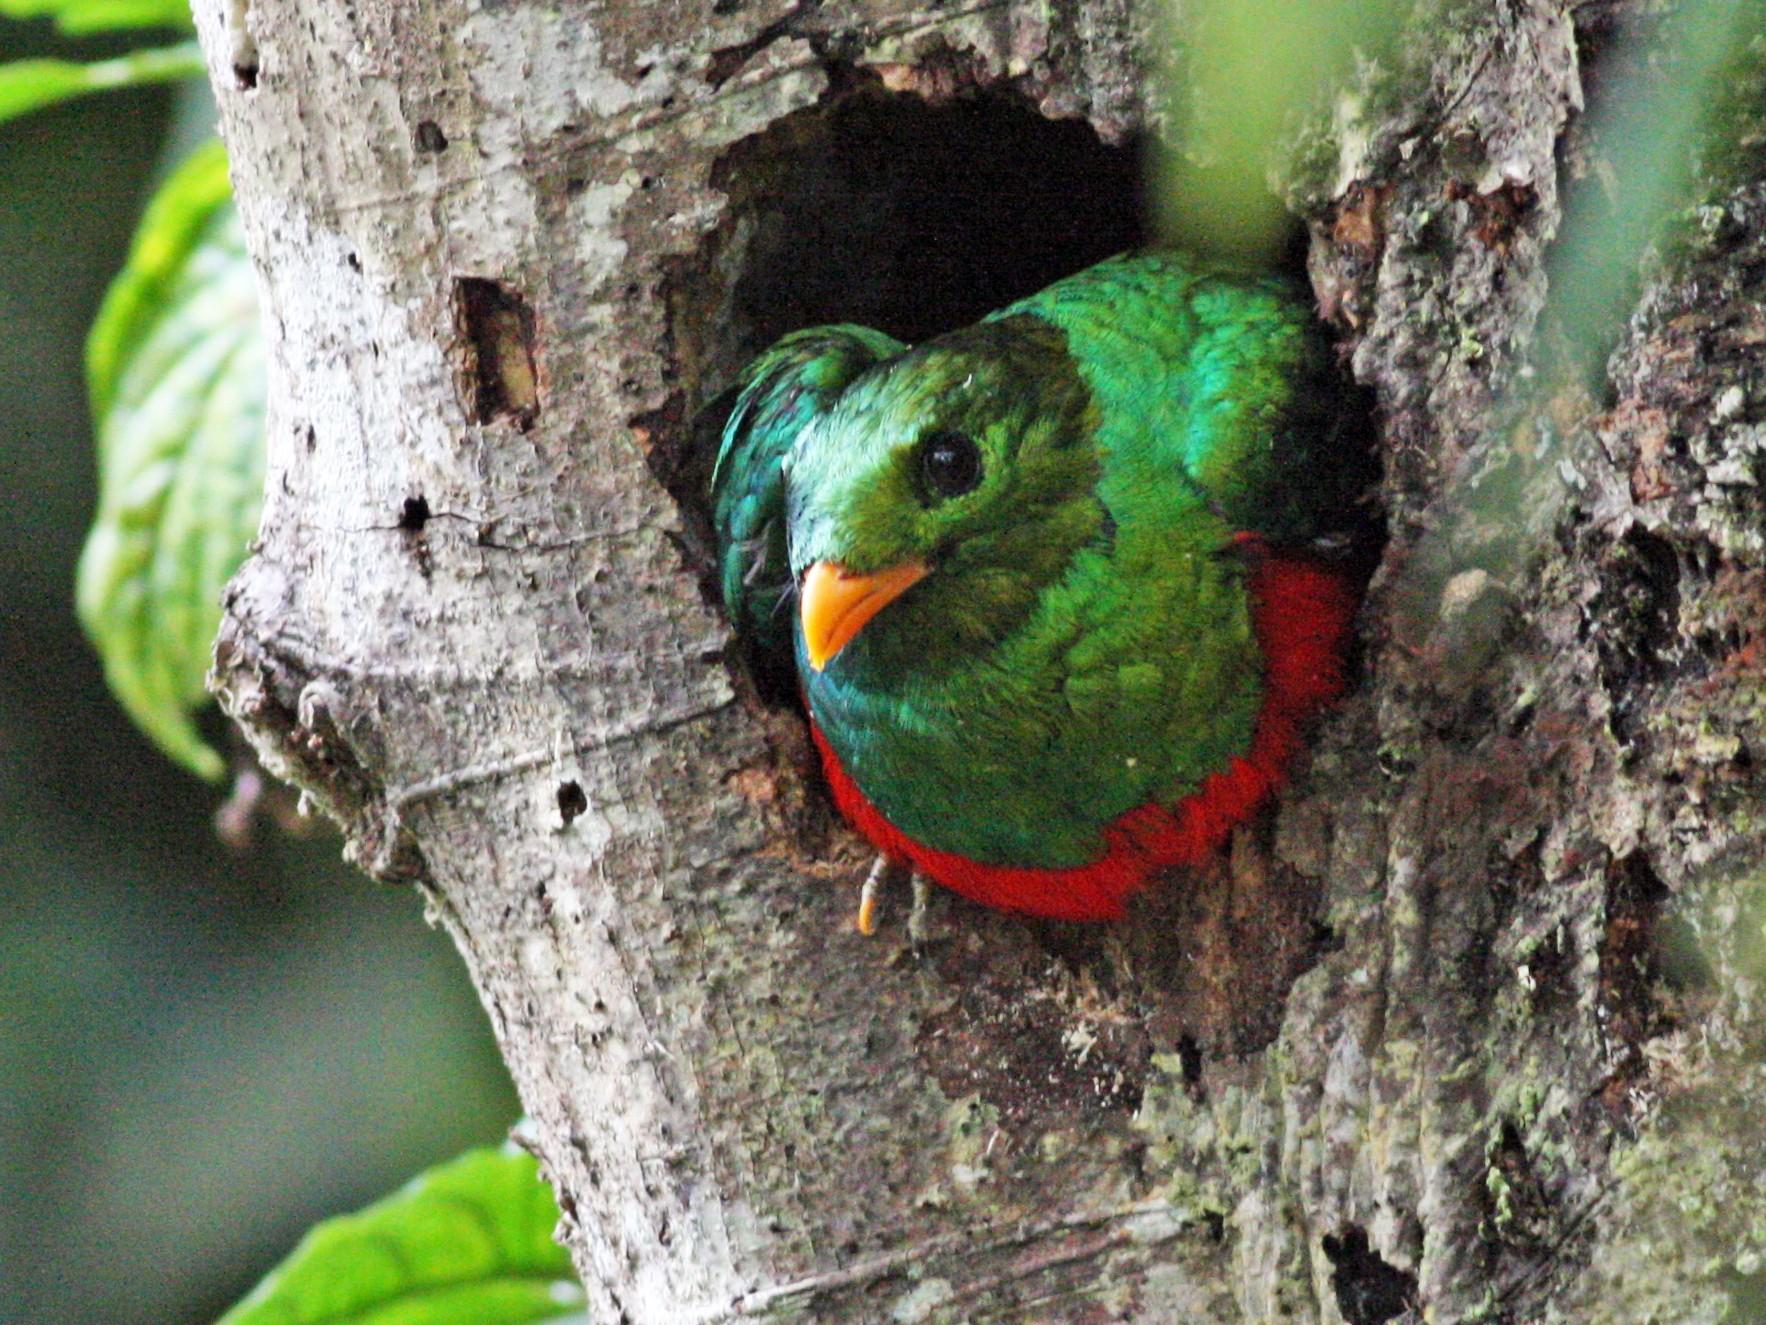 Golden-headed Quetzal - Nate Swick